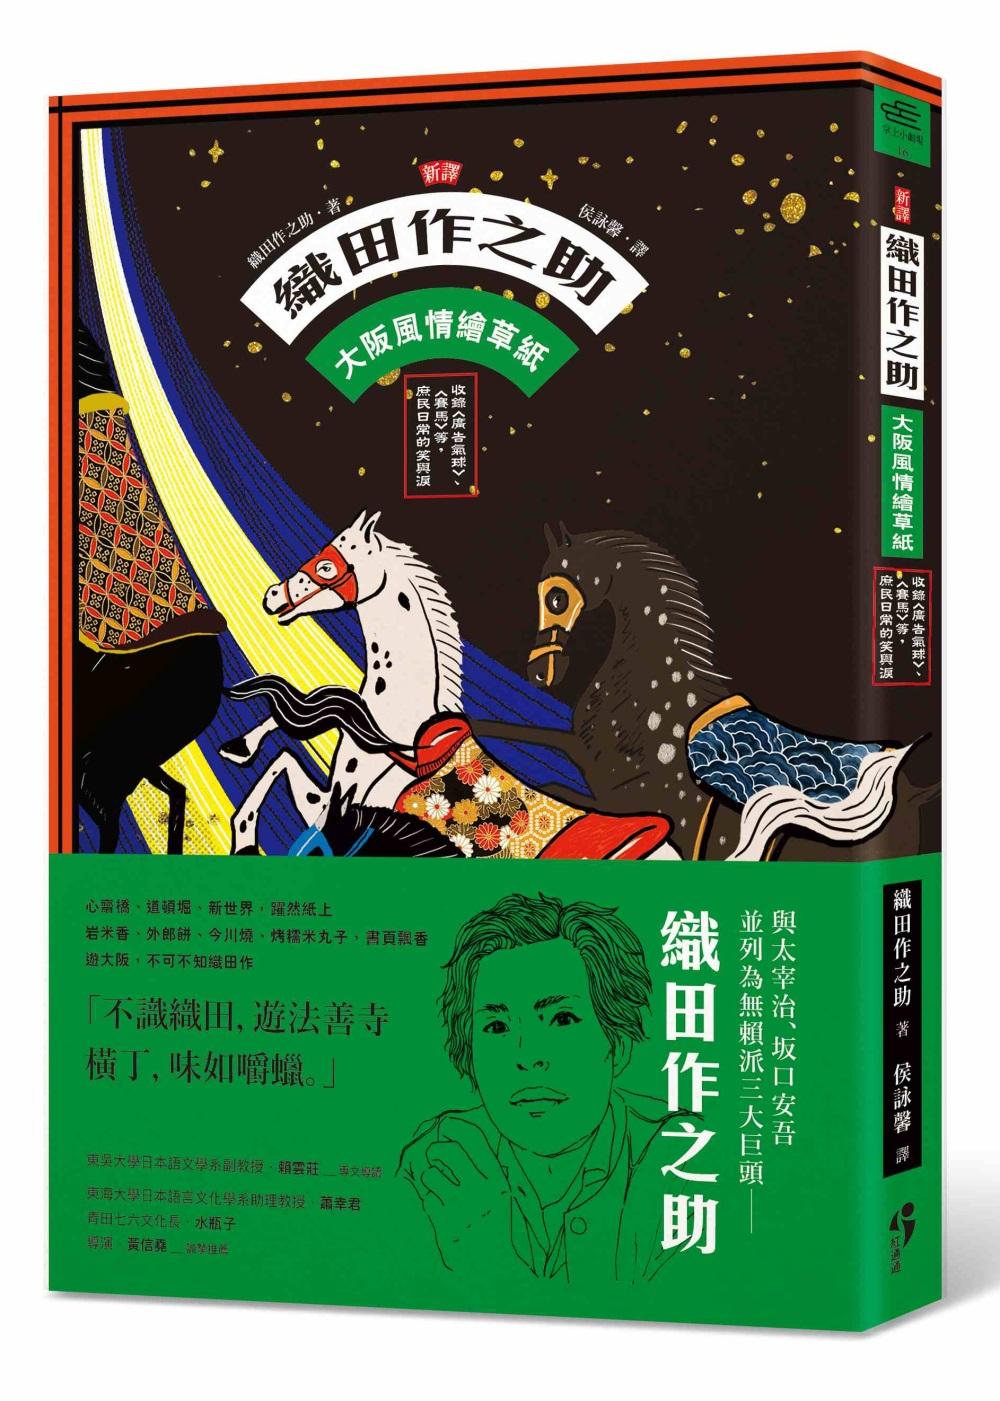 新譯 織田作之助:大阪風情繪草紙 收錄〈廣告氣球〉、〈賽馬〉等,庶民日常的笑與淚